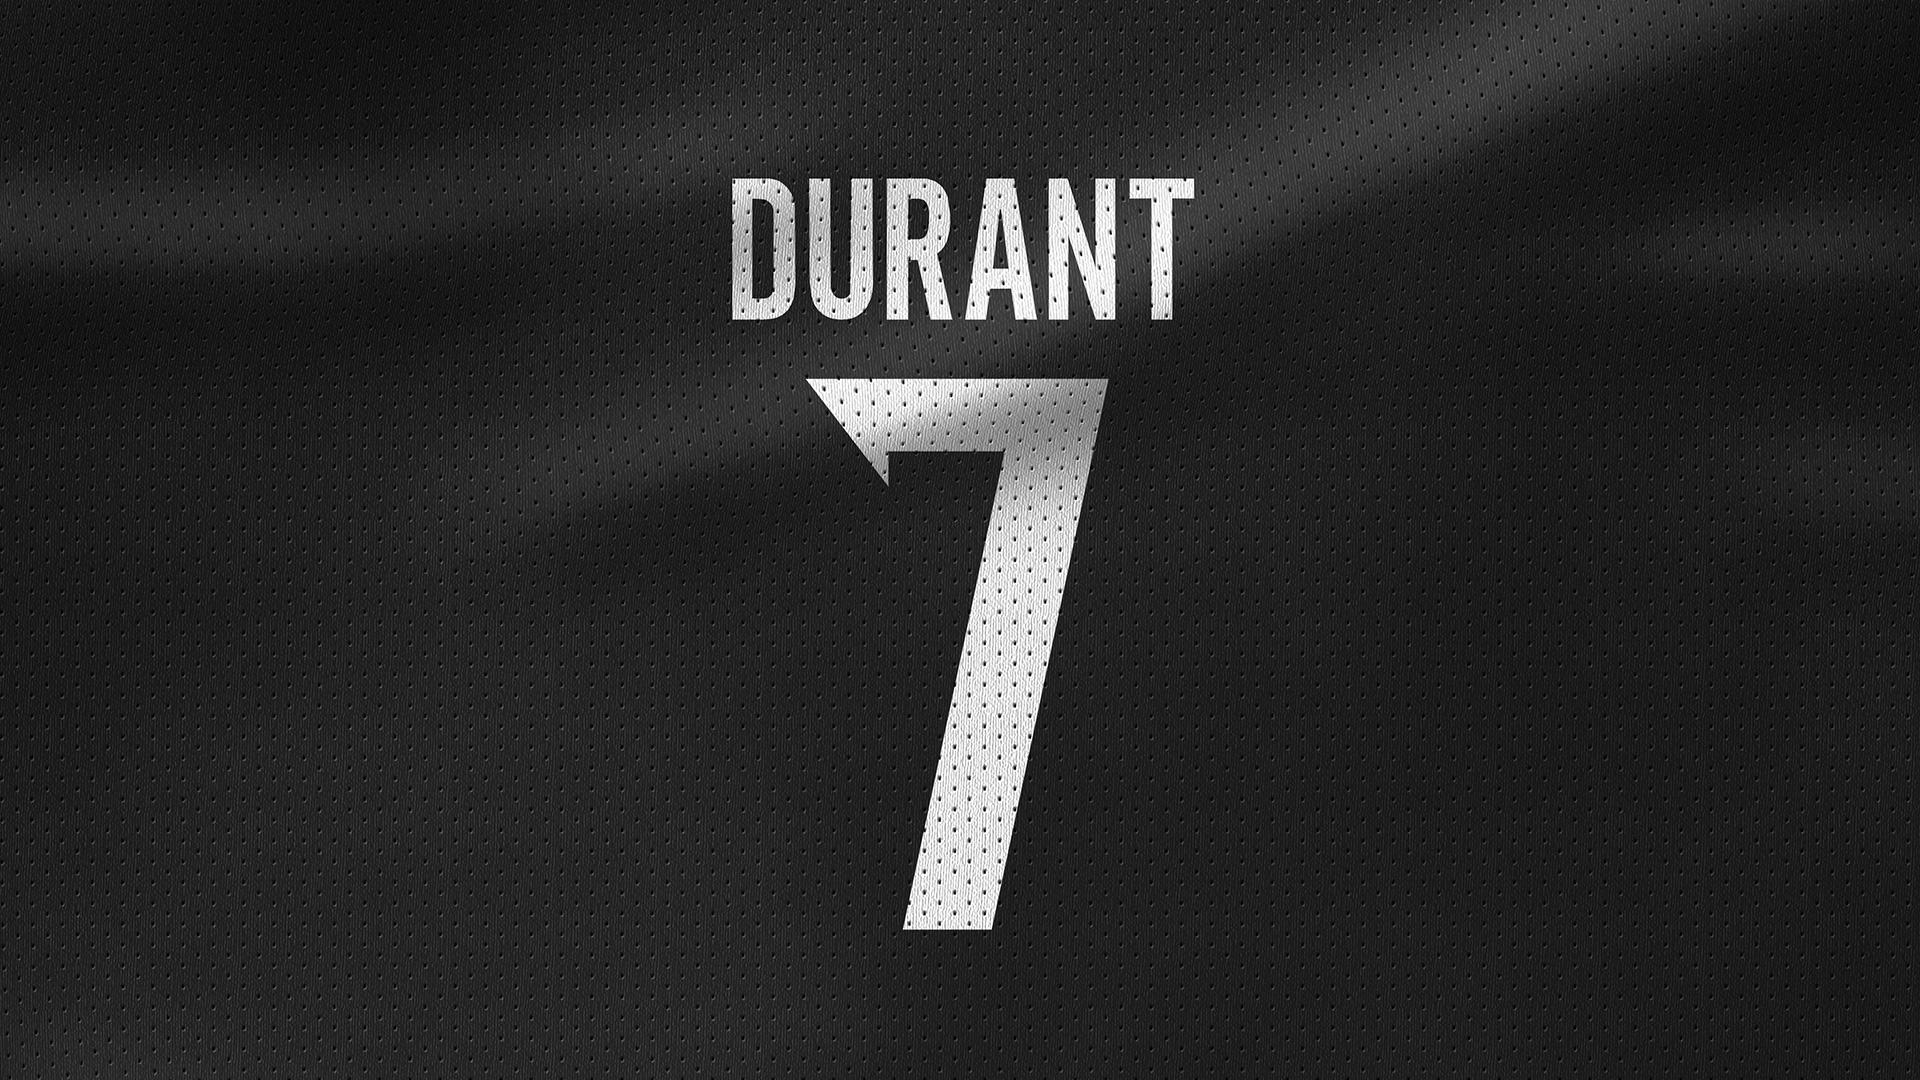 Stjärnor - En ungtupp värd entrépriset är Caris LeVert. Under sommaren trejdade man dessutom till sig Taurean Prince i en supertrejd med Atlanta Hawks och hämtade in superstjärnan Kevin Durant från Golden State Warriors. Durant är dock skadad och kan missa stora delar av säsongen 2019/2020.